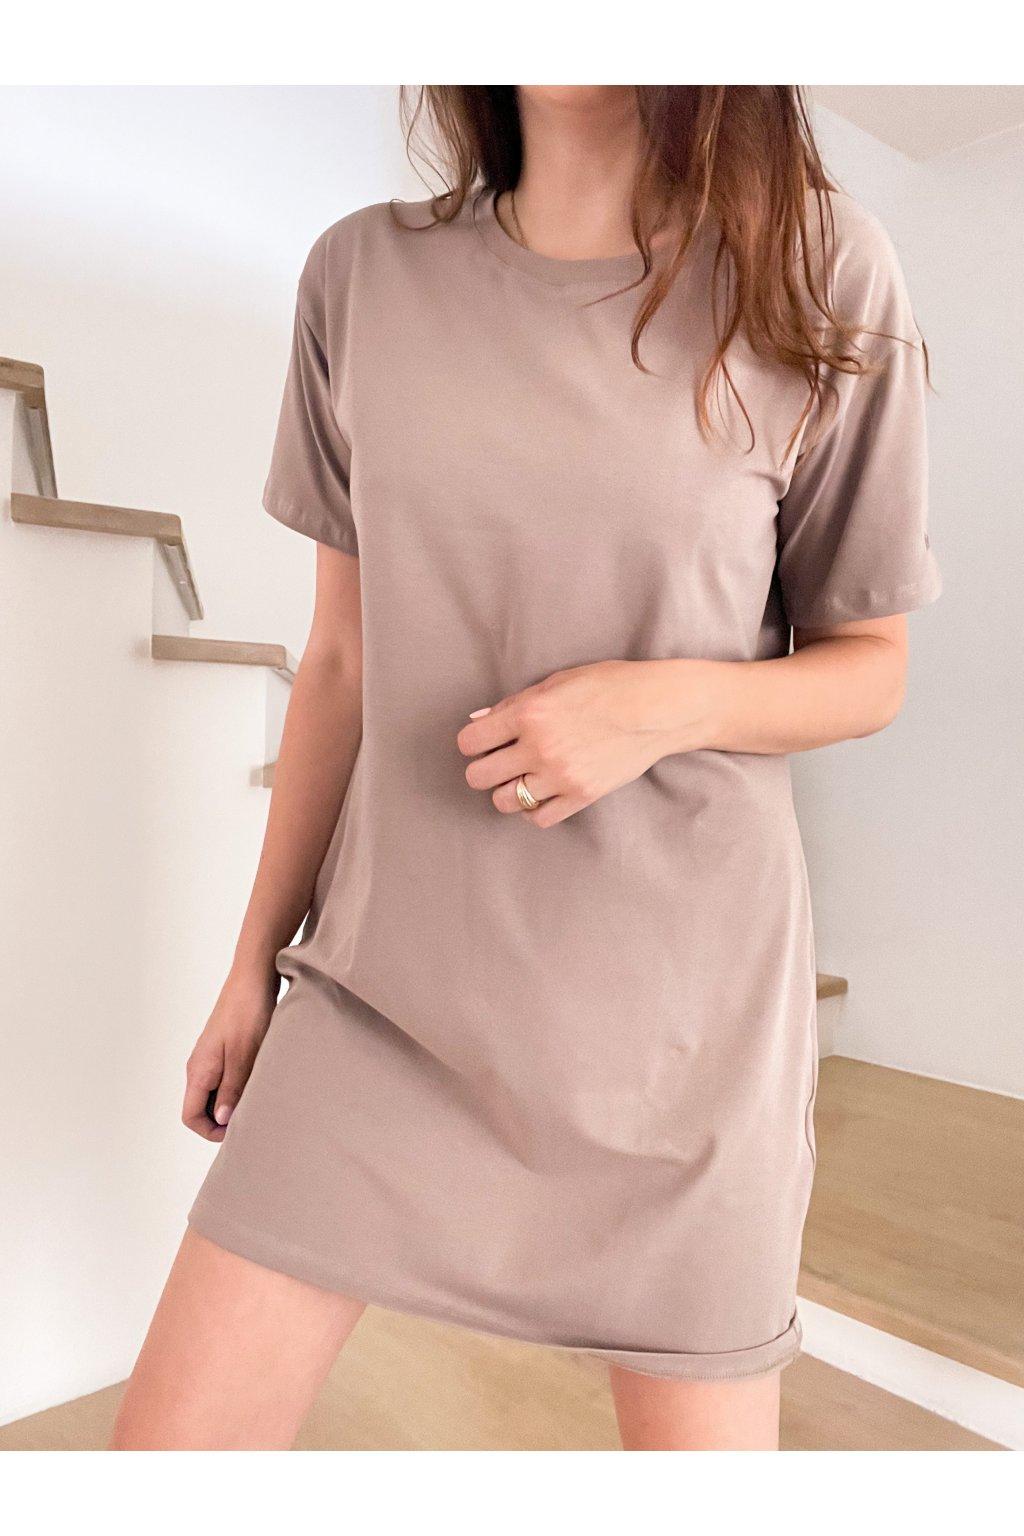 Tričkové krátké šaty Hello lorii! Mocca